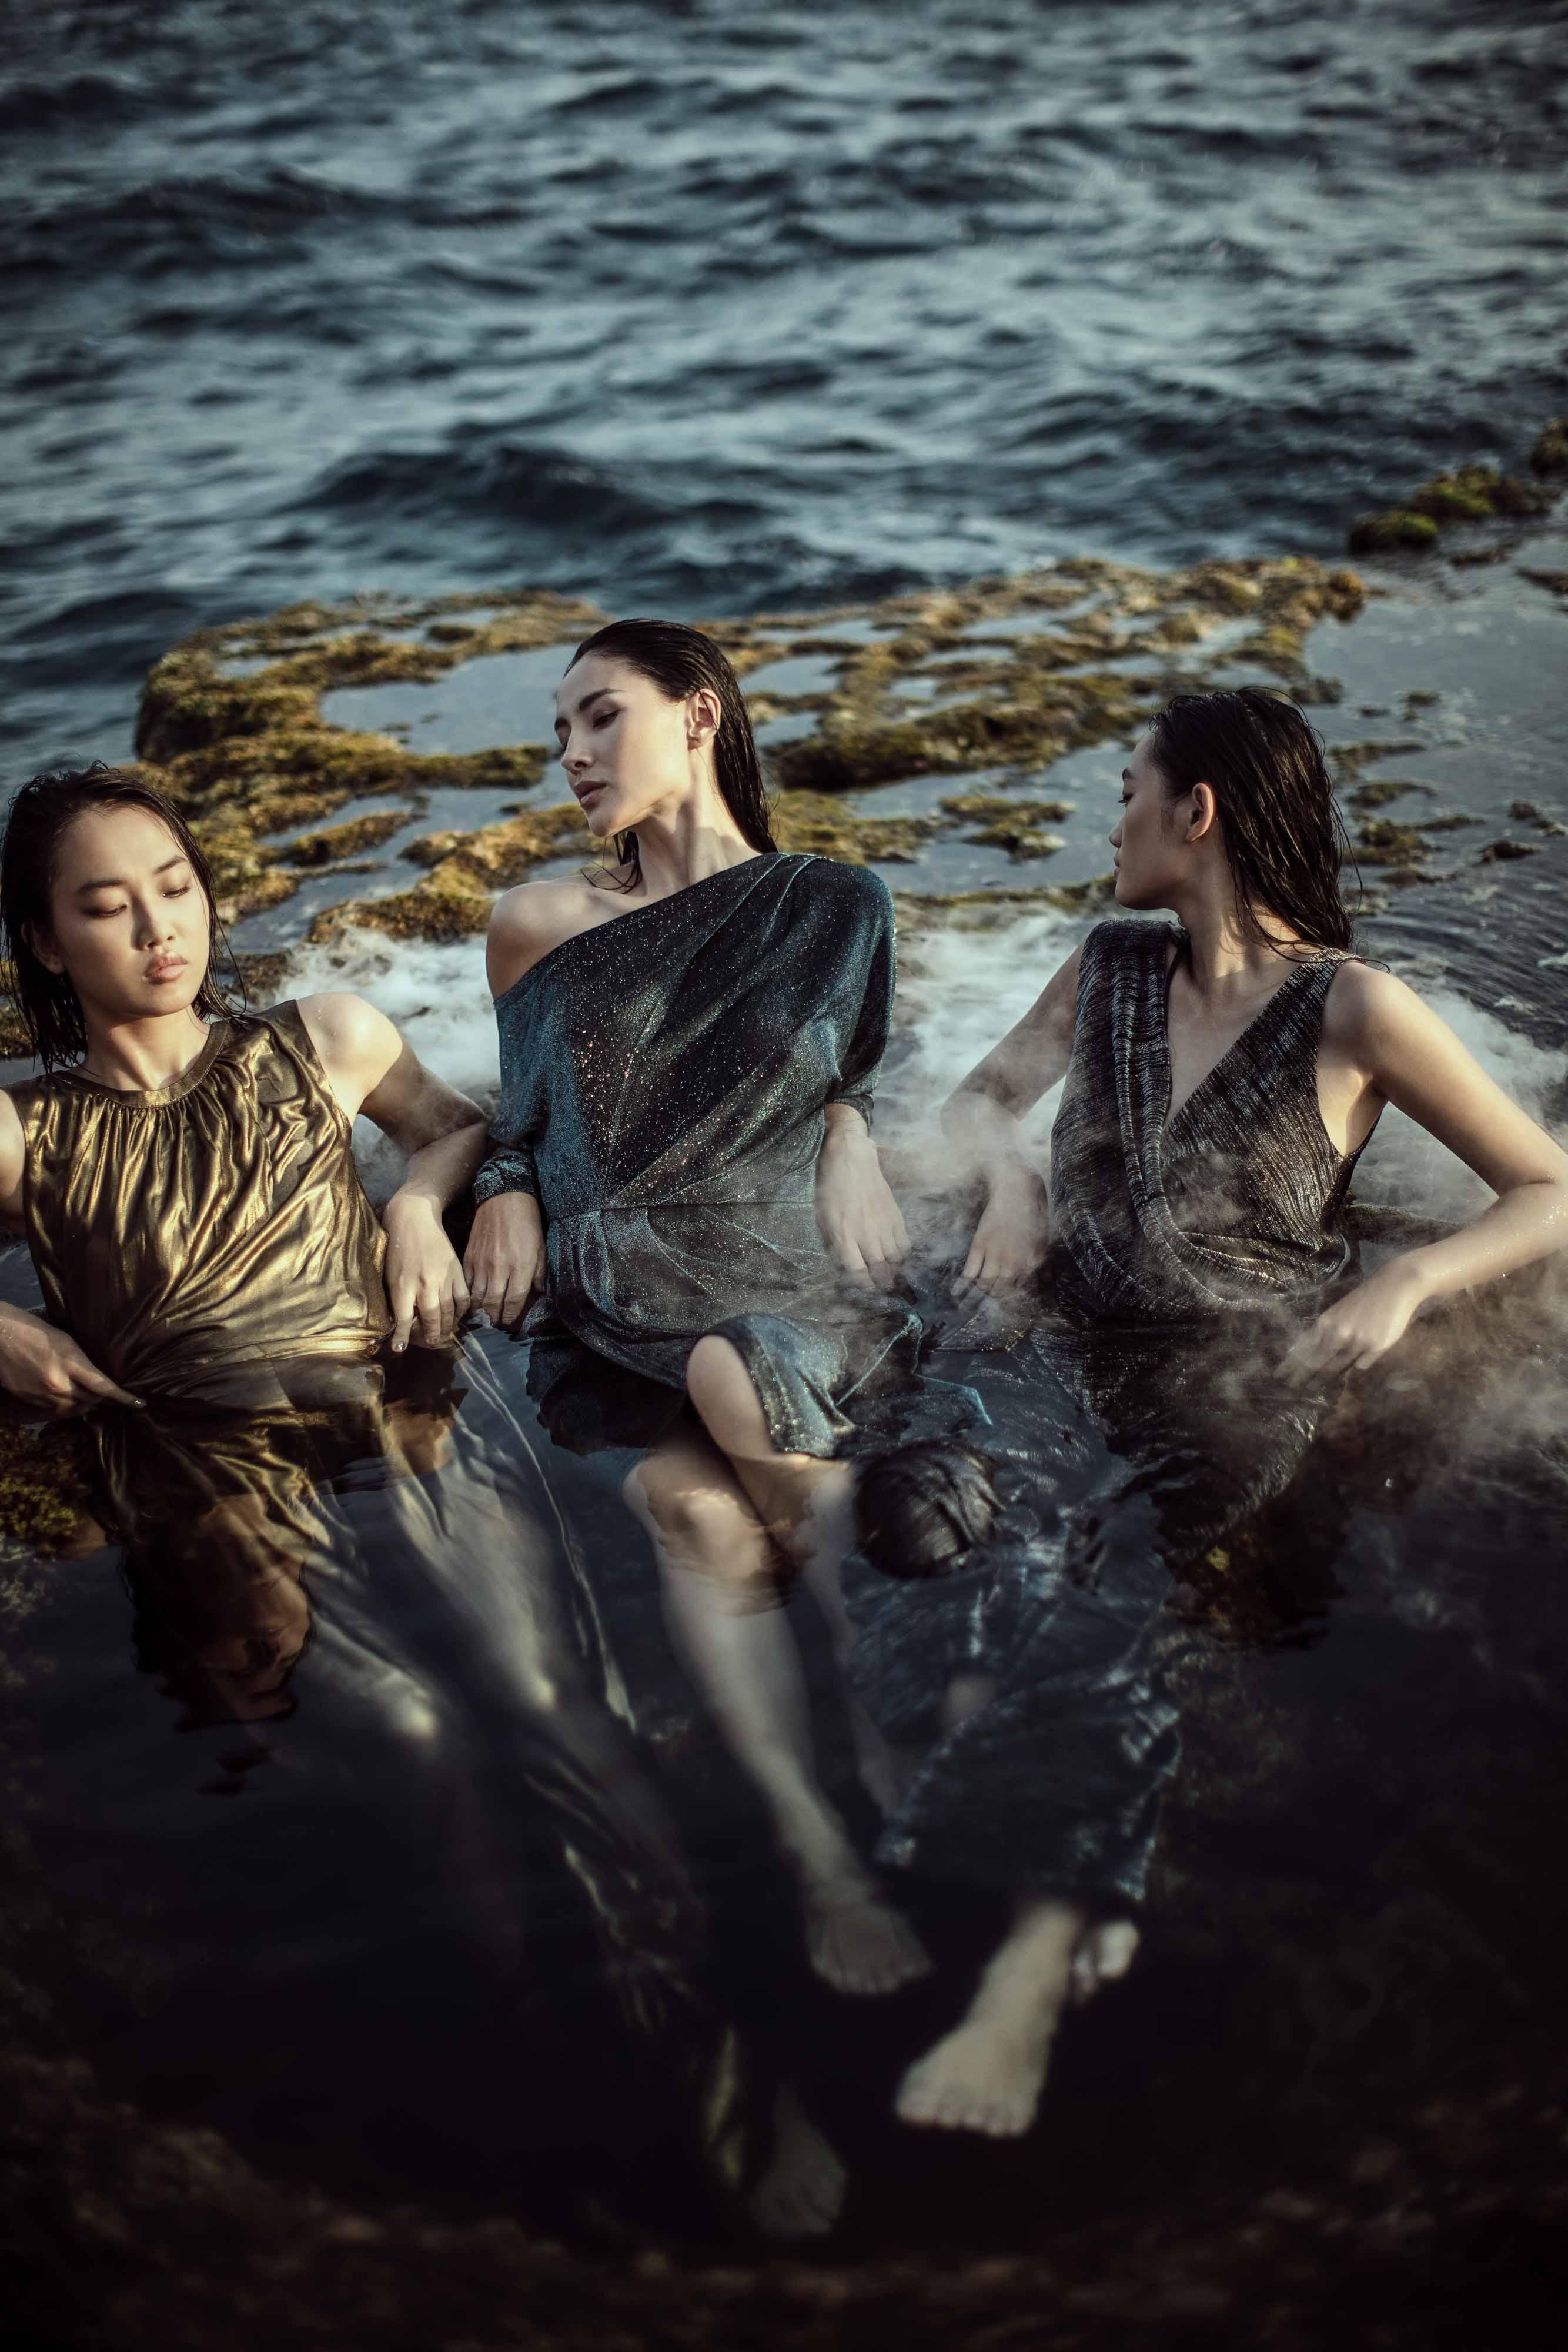 Chất liệu vải nước với sắc màu nhẹ nhàng  tạo nên ánh nhìn uyển chuyển như một làn nước ẩn hiện trông rất nữ tính,  đầy mê hoặc và sáng tạo